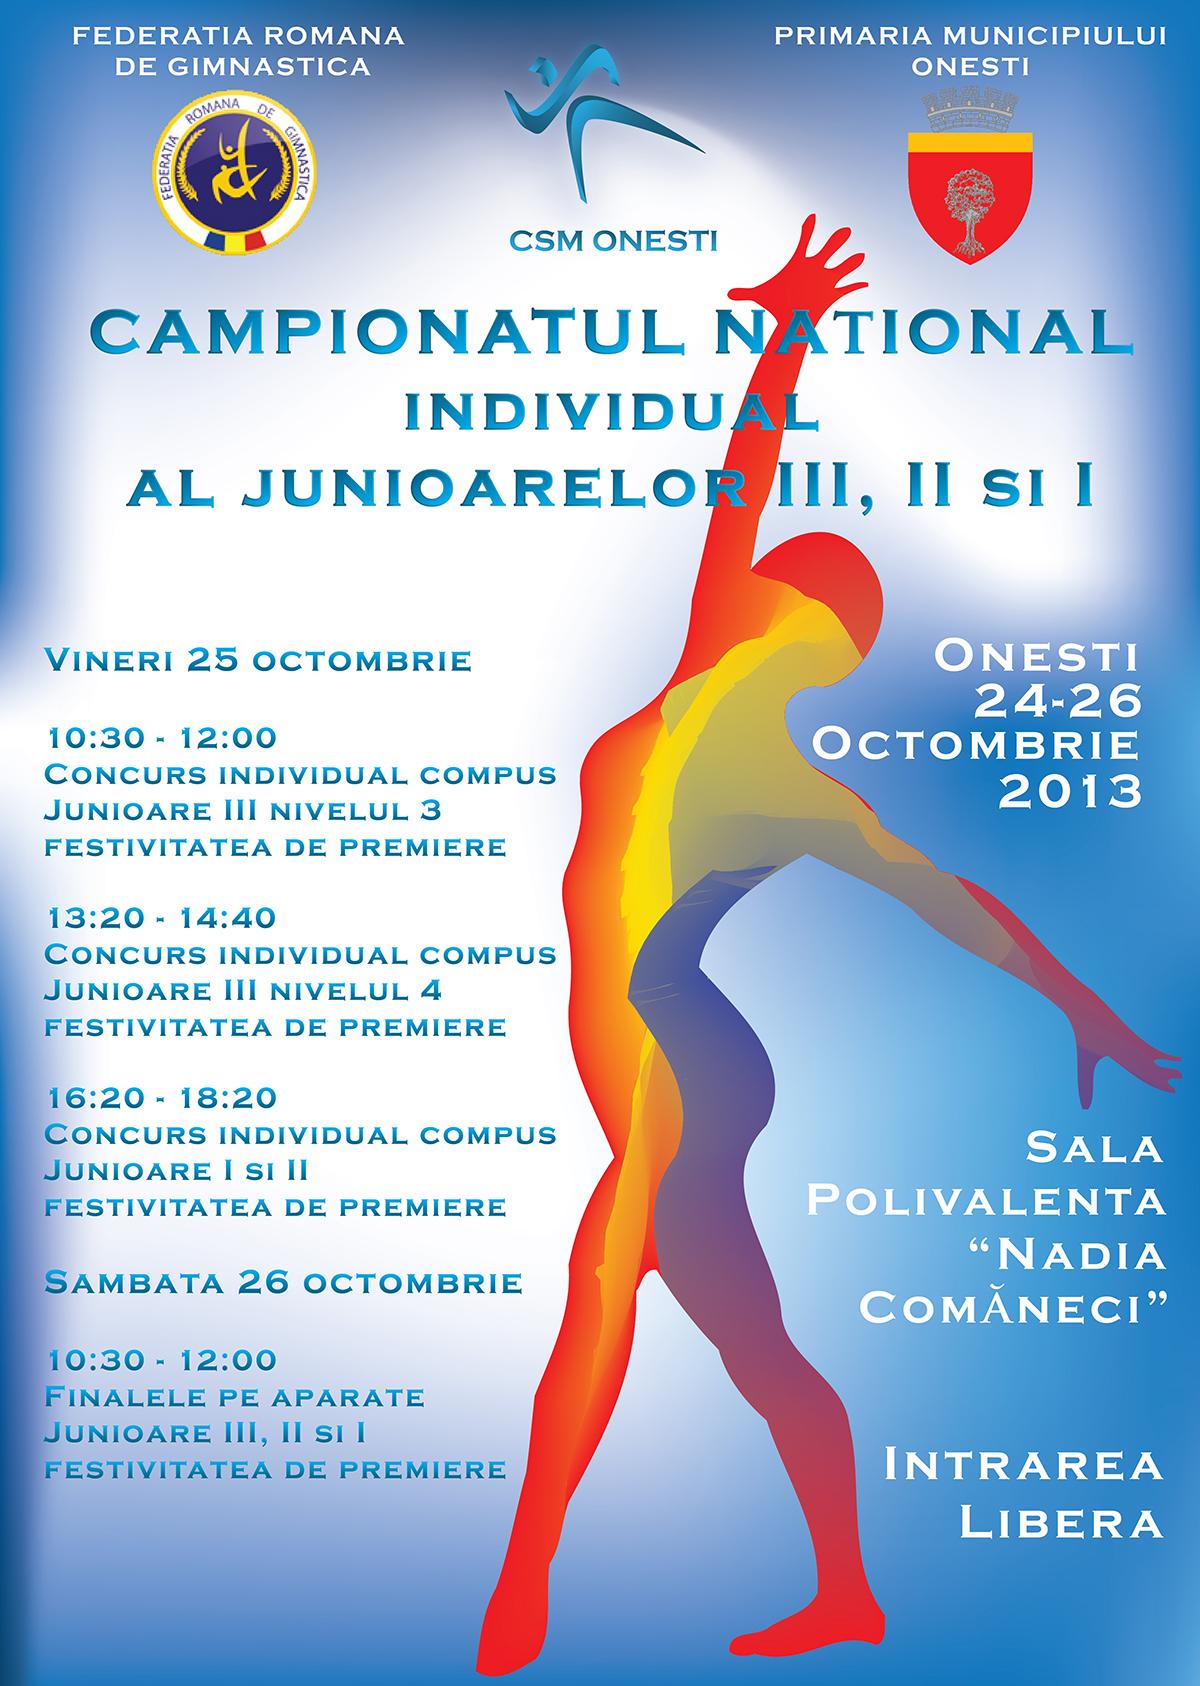 24-26 OCTOMBRIE 2013 – CAMPIONATUL NATIONAL INDIVIDUAL AL JUNIOARELOR III, II SI I